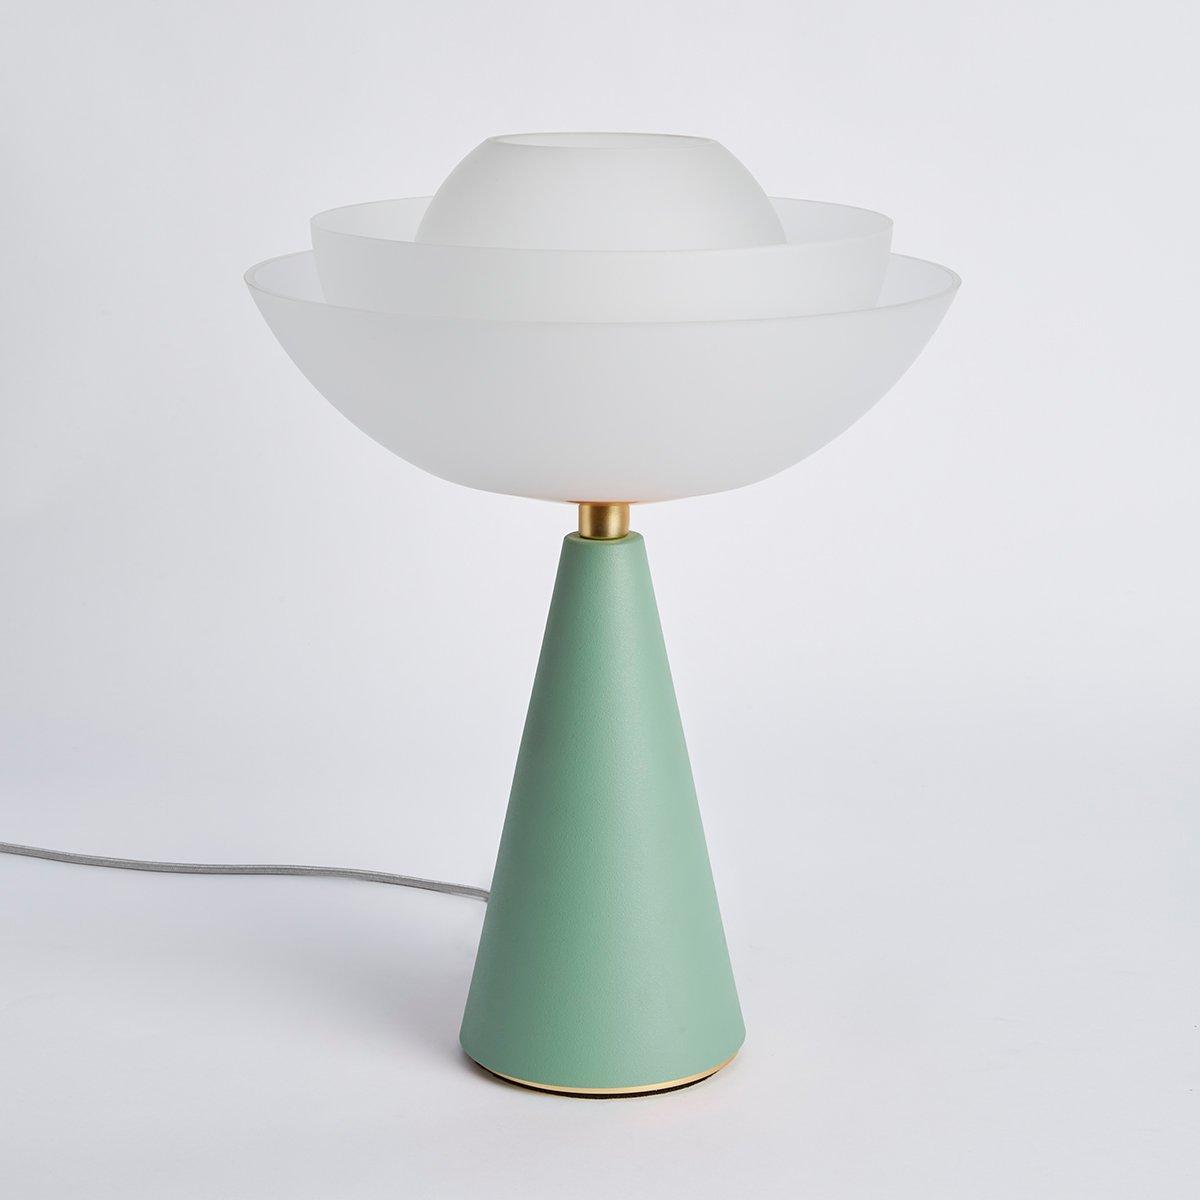 Lotus Tischlampe in Olivgrün von Serena Confalonieri für Mason Edition...